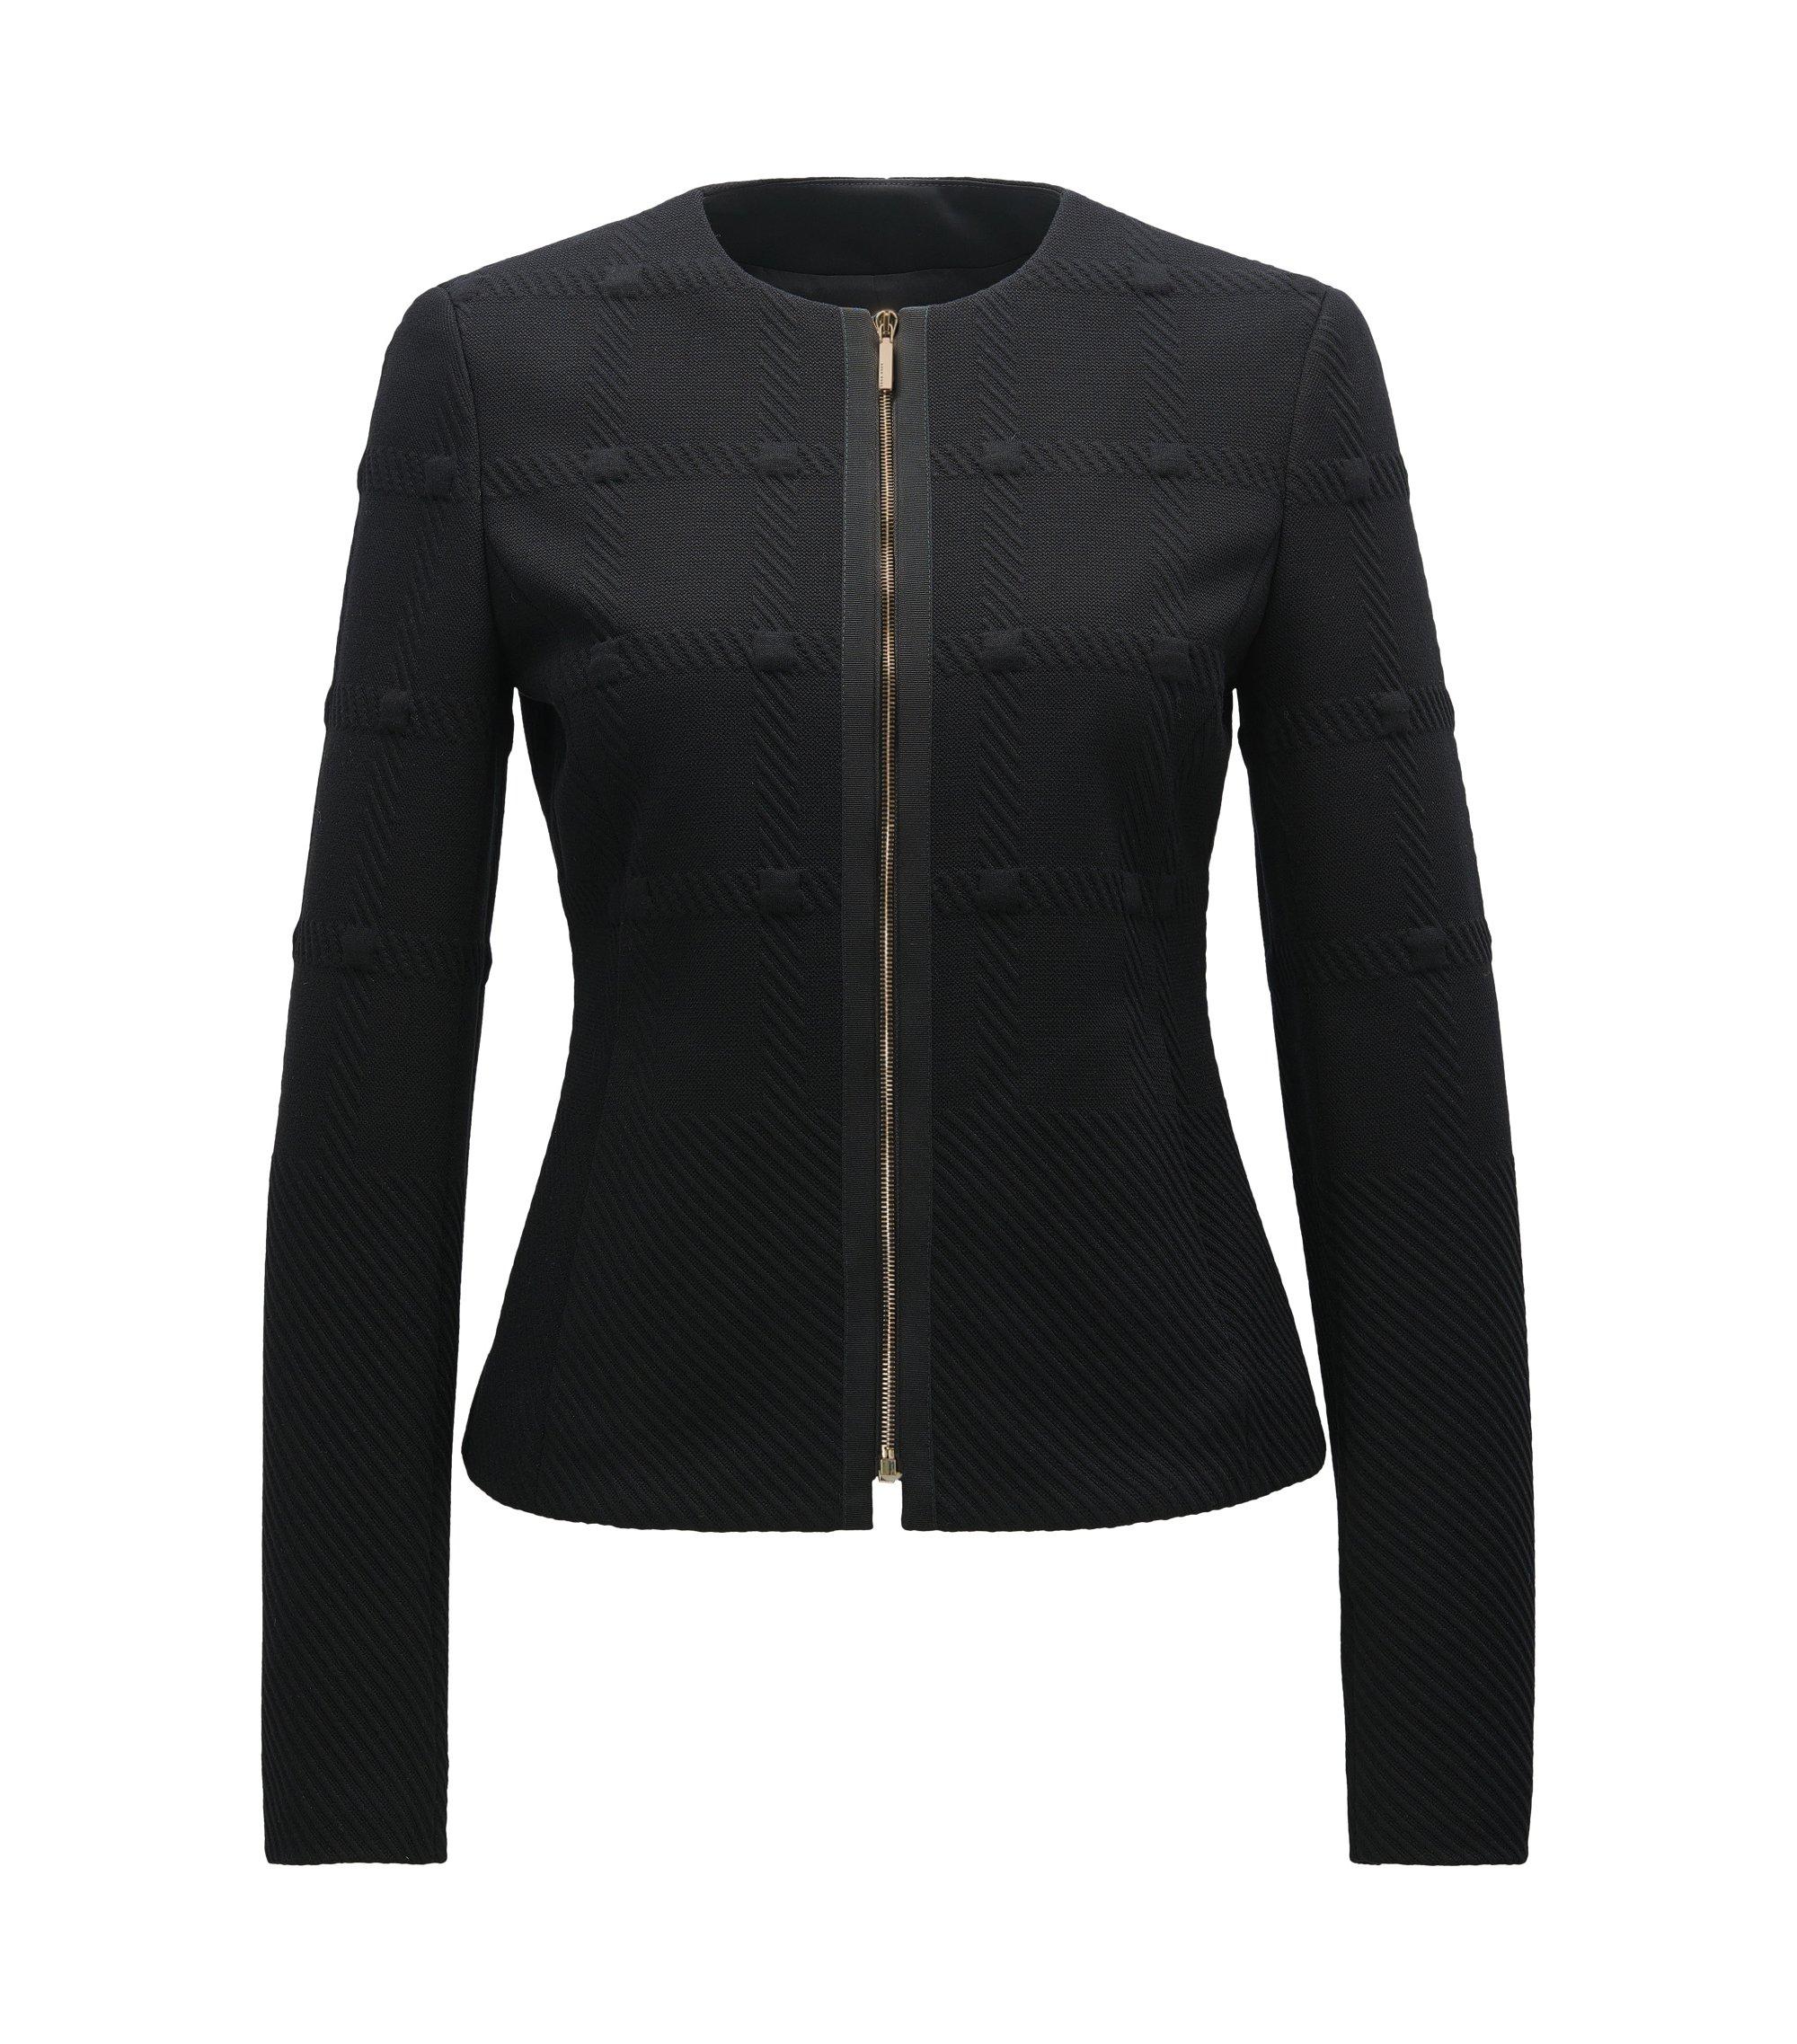 Windowpane Knit Jacket | Kanelli, Black